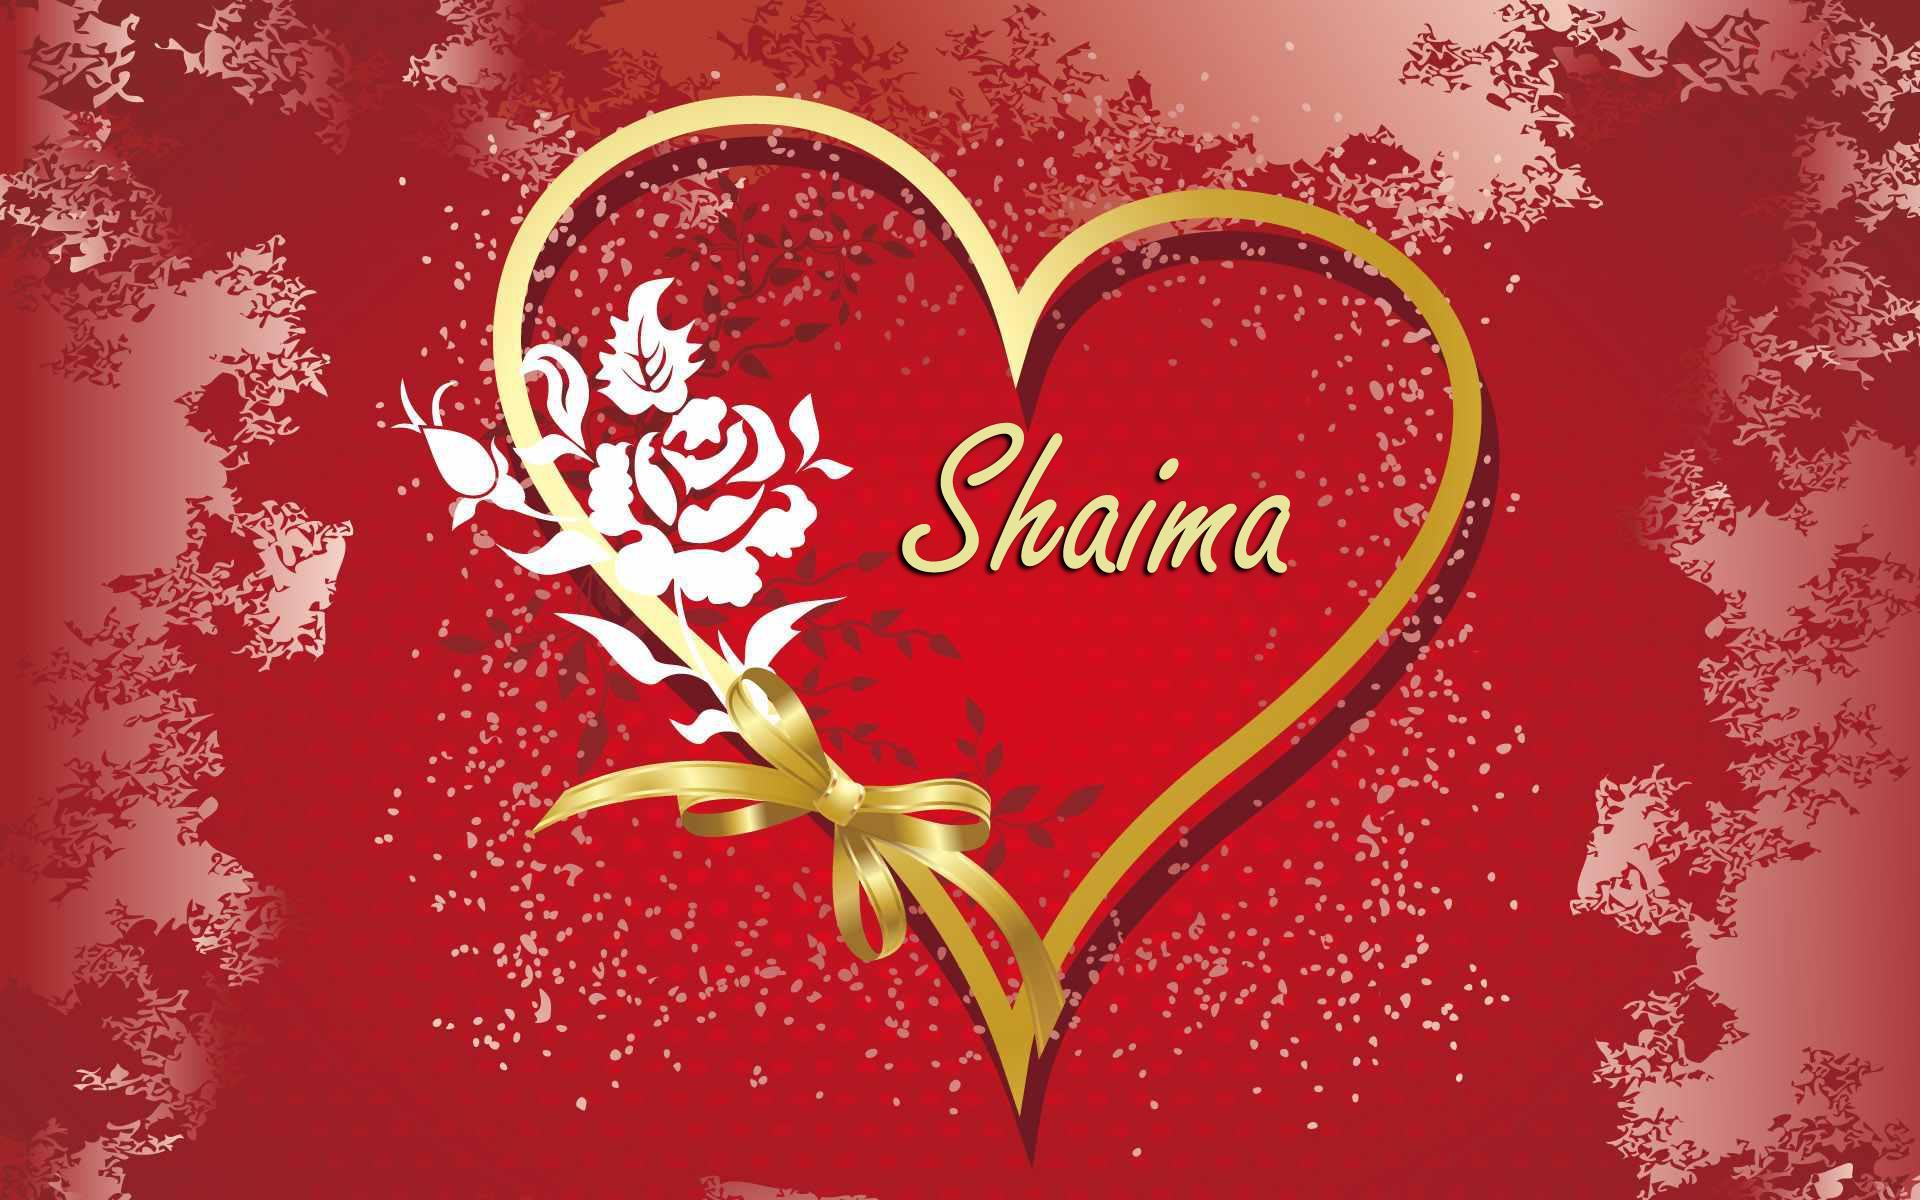 صور اسم شيماء عربي و انجليزي مزخرف , معنى اسم شيماء وشعر وغلاف ورمزيات 2016